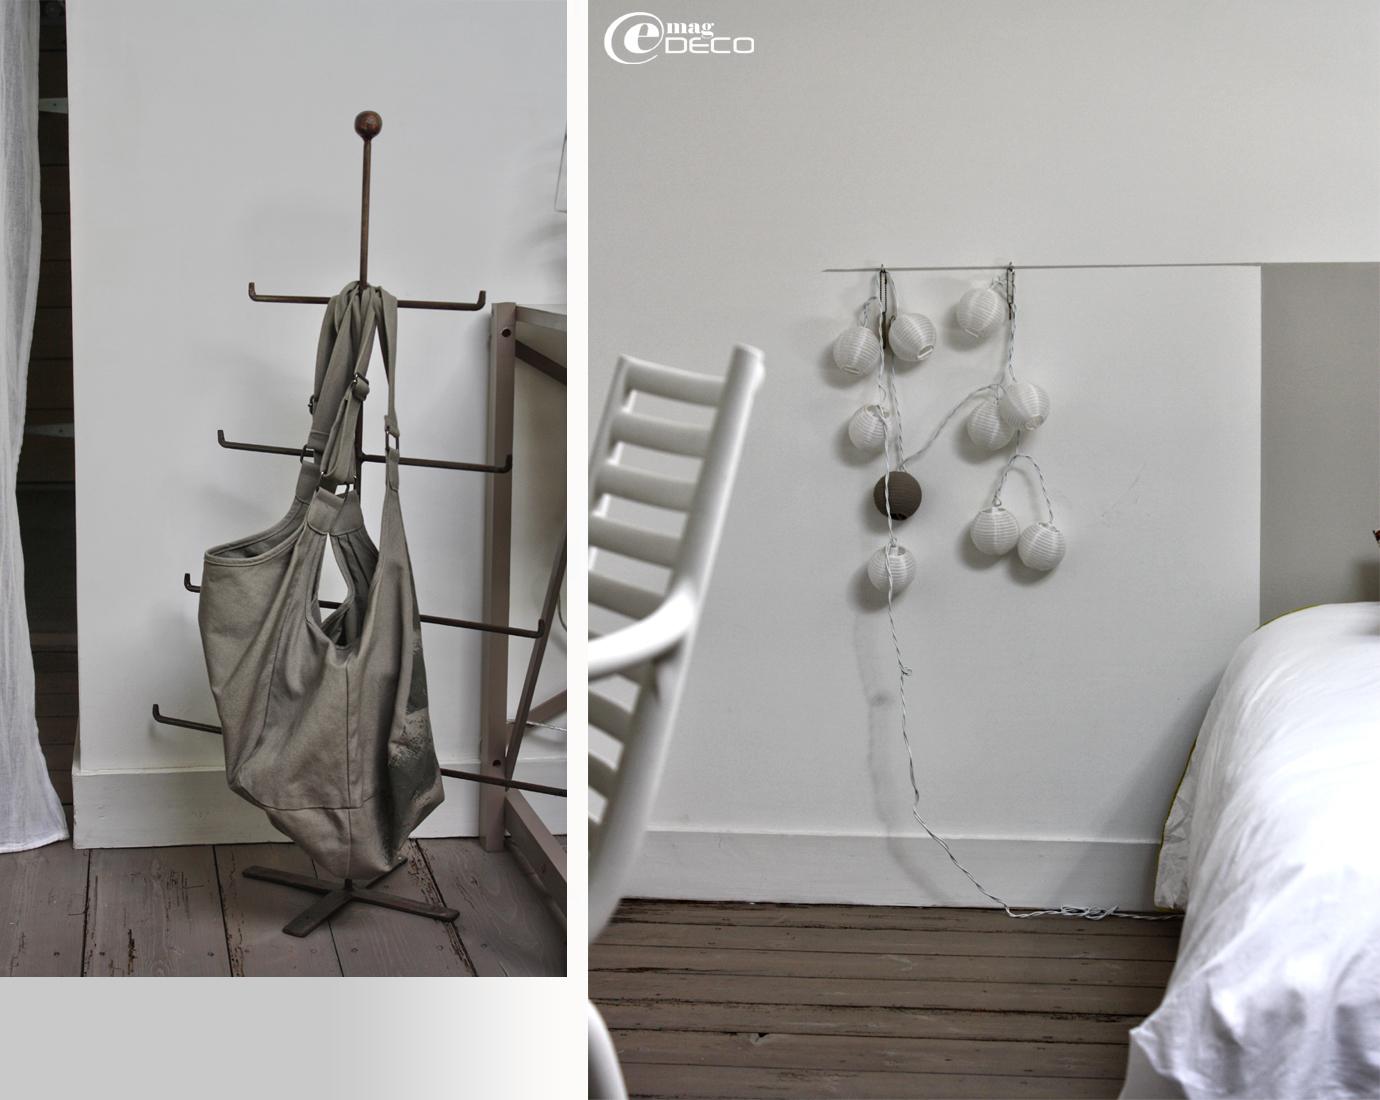 Porte-sac en forme de sapin de noël en fer et guirlande mumineuse boule suspendu à une ligne peinte sur le mur